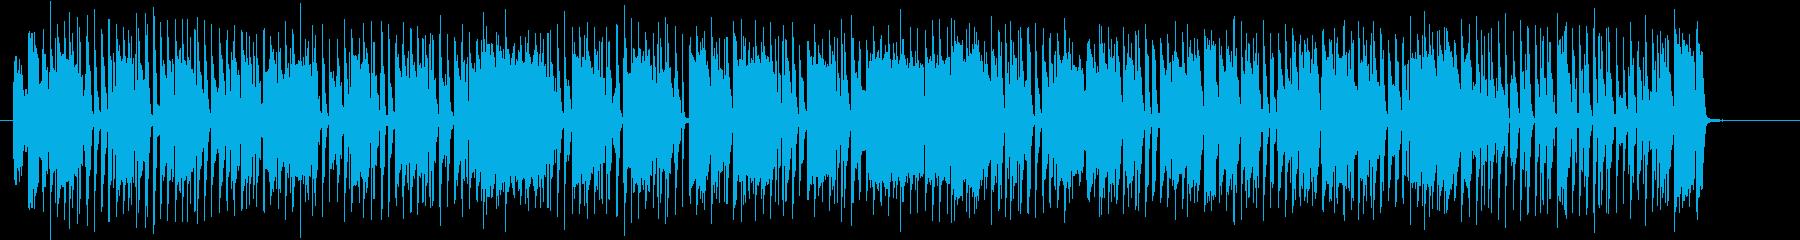 楽しげでおしゃれなシンセサイザーポップスの再生済みの波形